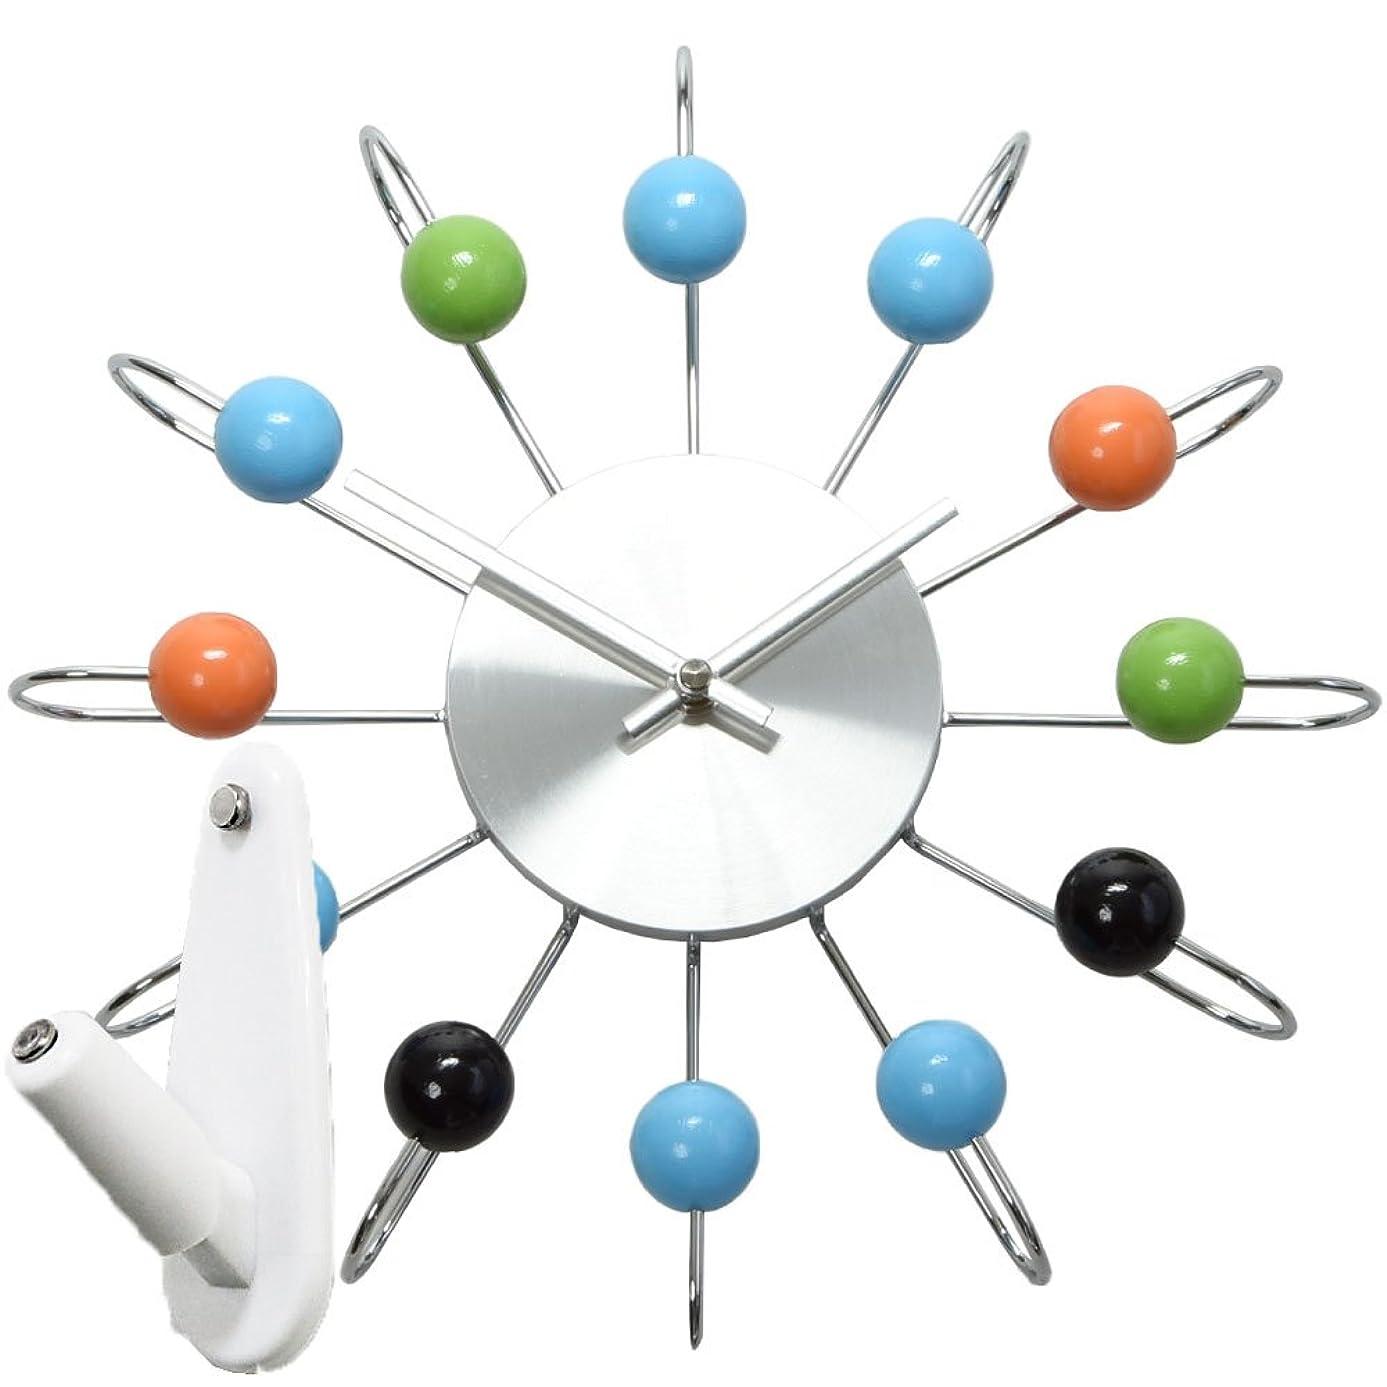 トークン動かないスクレーパージョージ?ネルソン アトミック ボールクロック + 壁の穴が目立ちにくい時計用壁掛けフック 2点セット 掛け時計 掛時計 壁掛け時計 壁掛時計 フック おしゃれ George Nelson (マルチカラー)